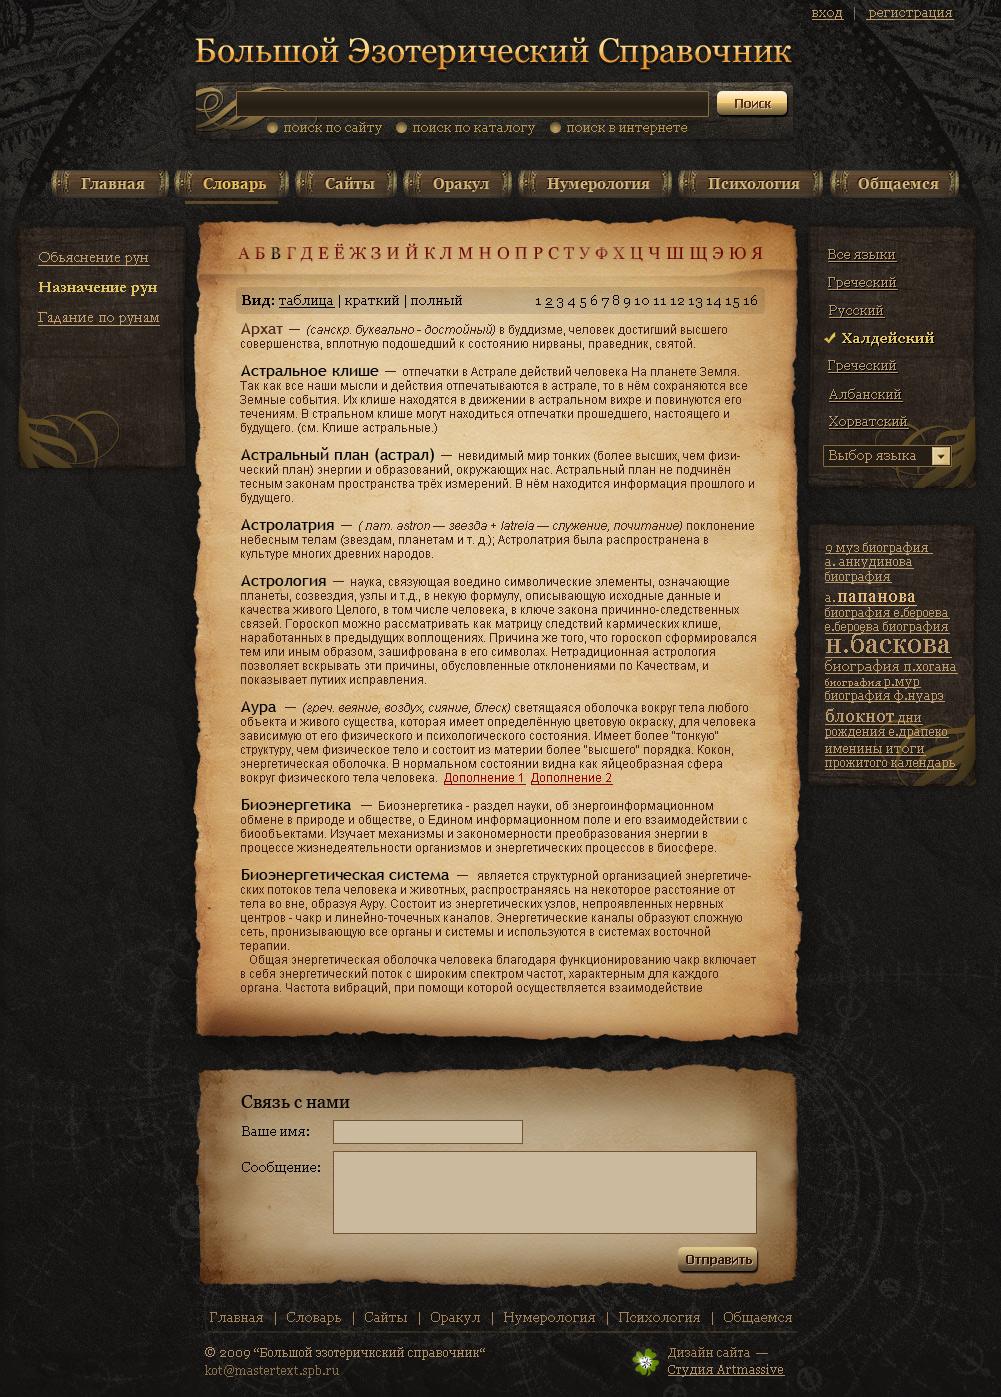 Большой Эзотерический Справочник